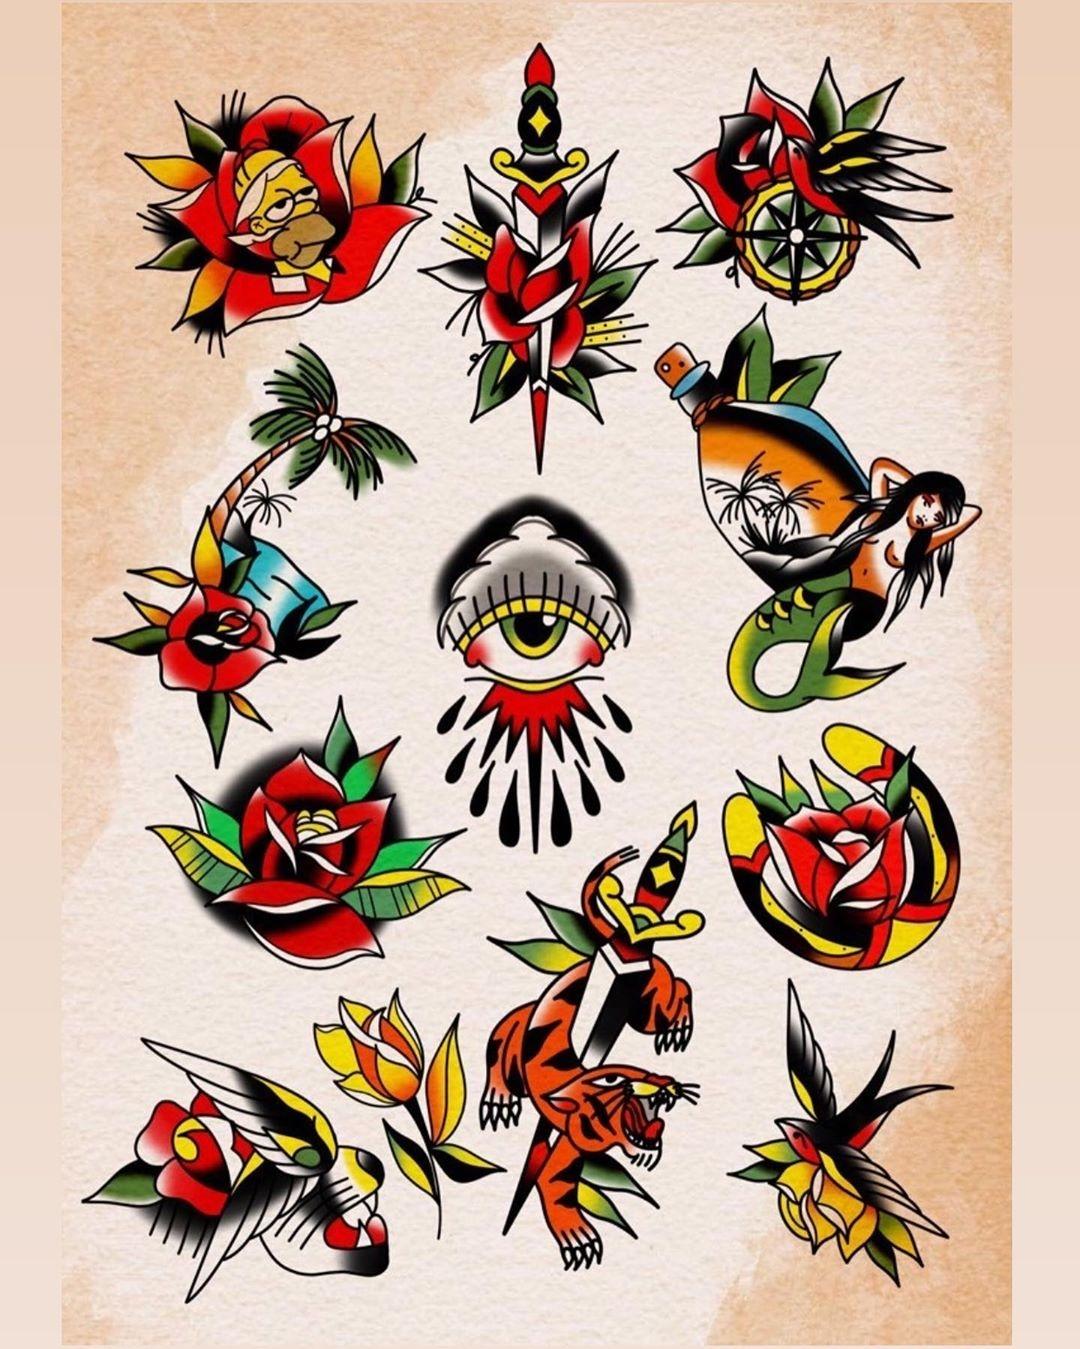 Inksearch tattoo Dirtyghettoaleks